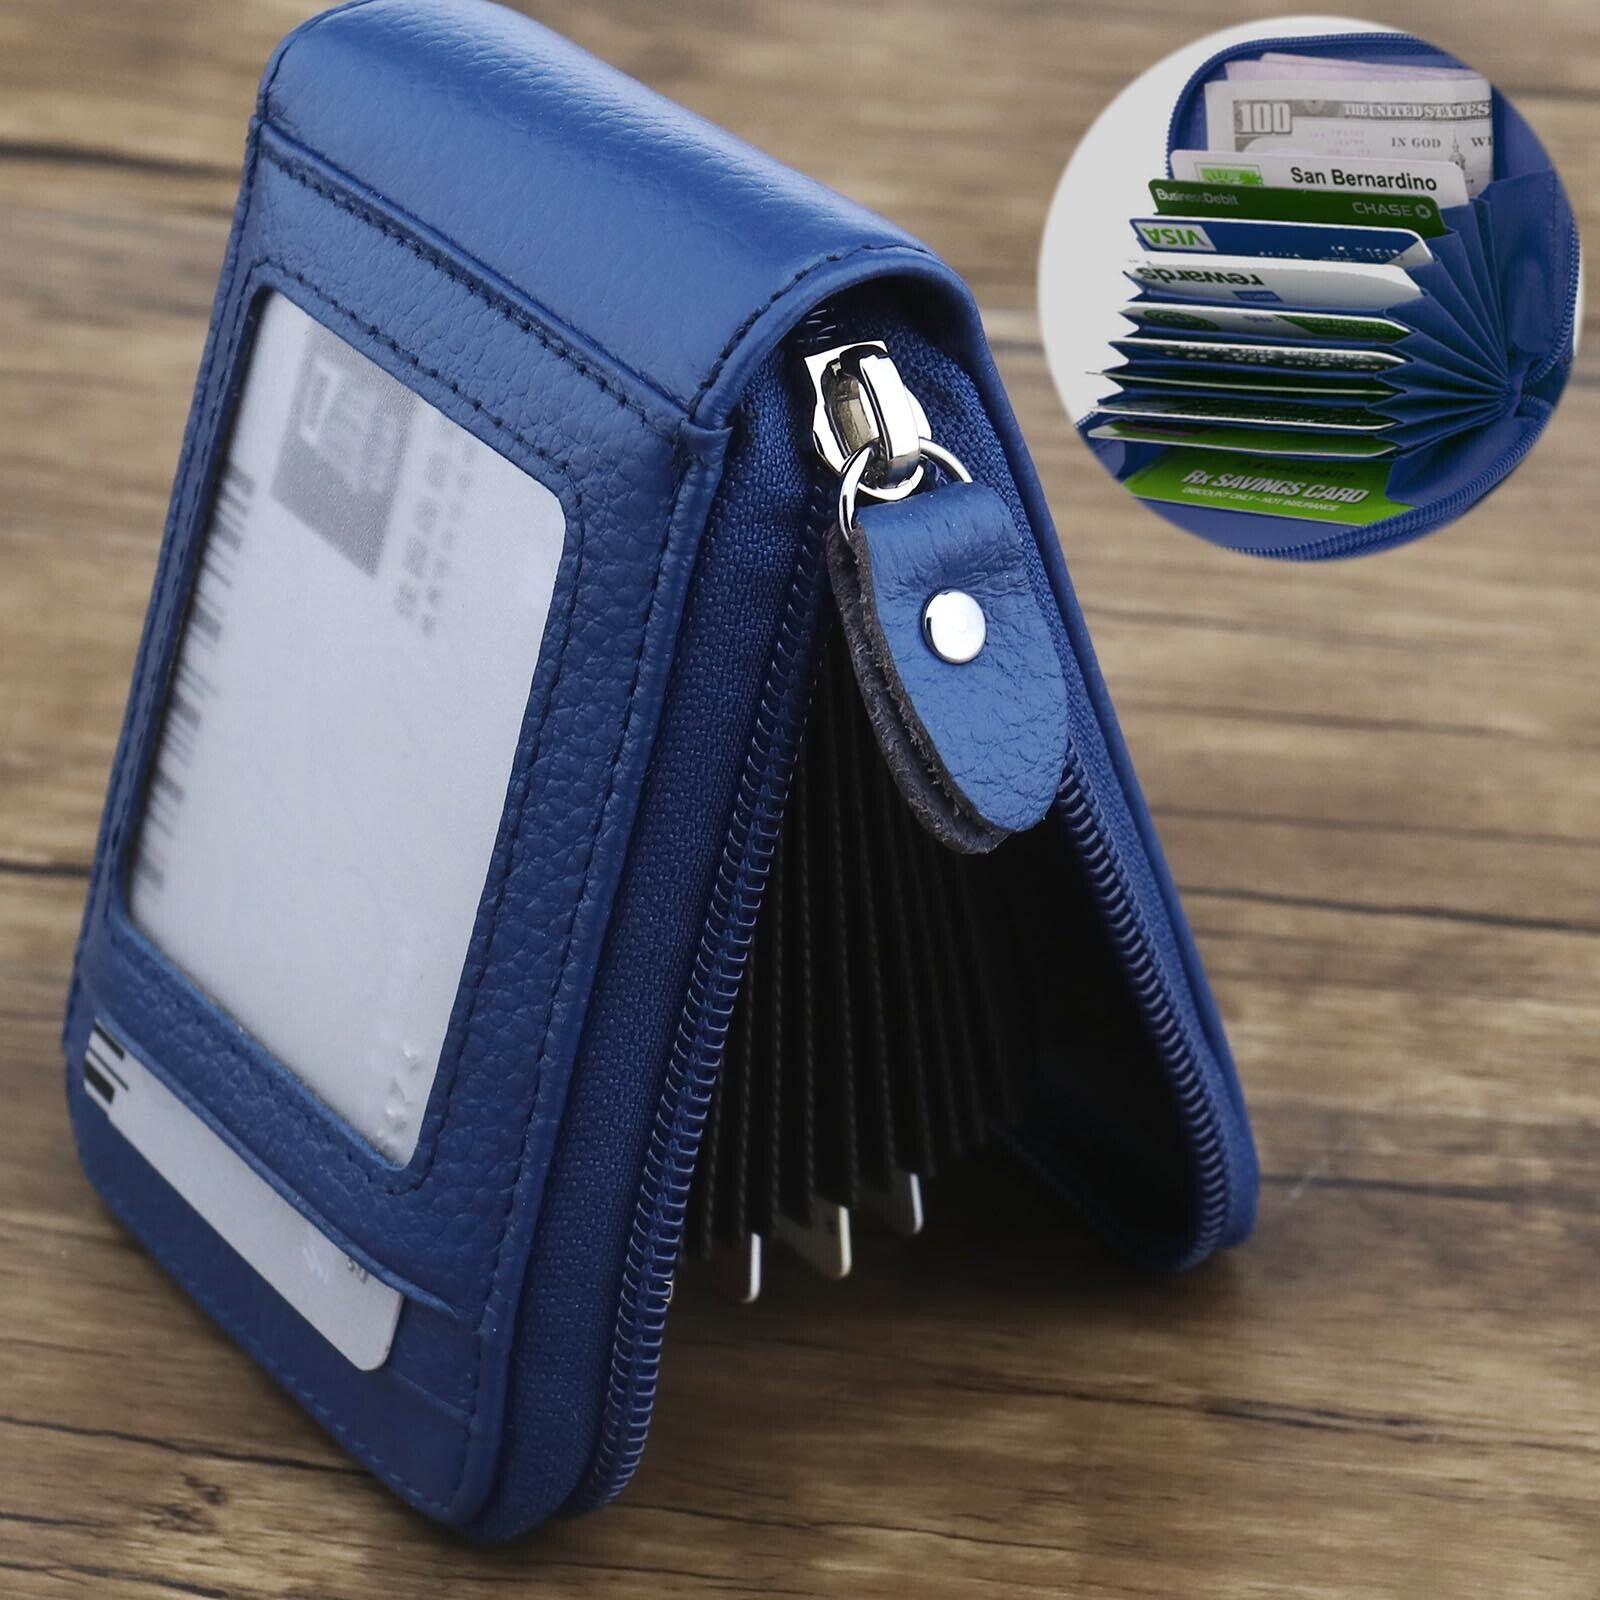 Blau Brieftasche Leder Kreditkarteninhaber RFID Reißverschluss Geldbörsen